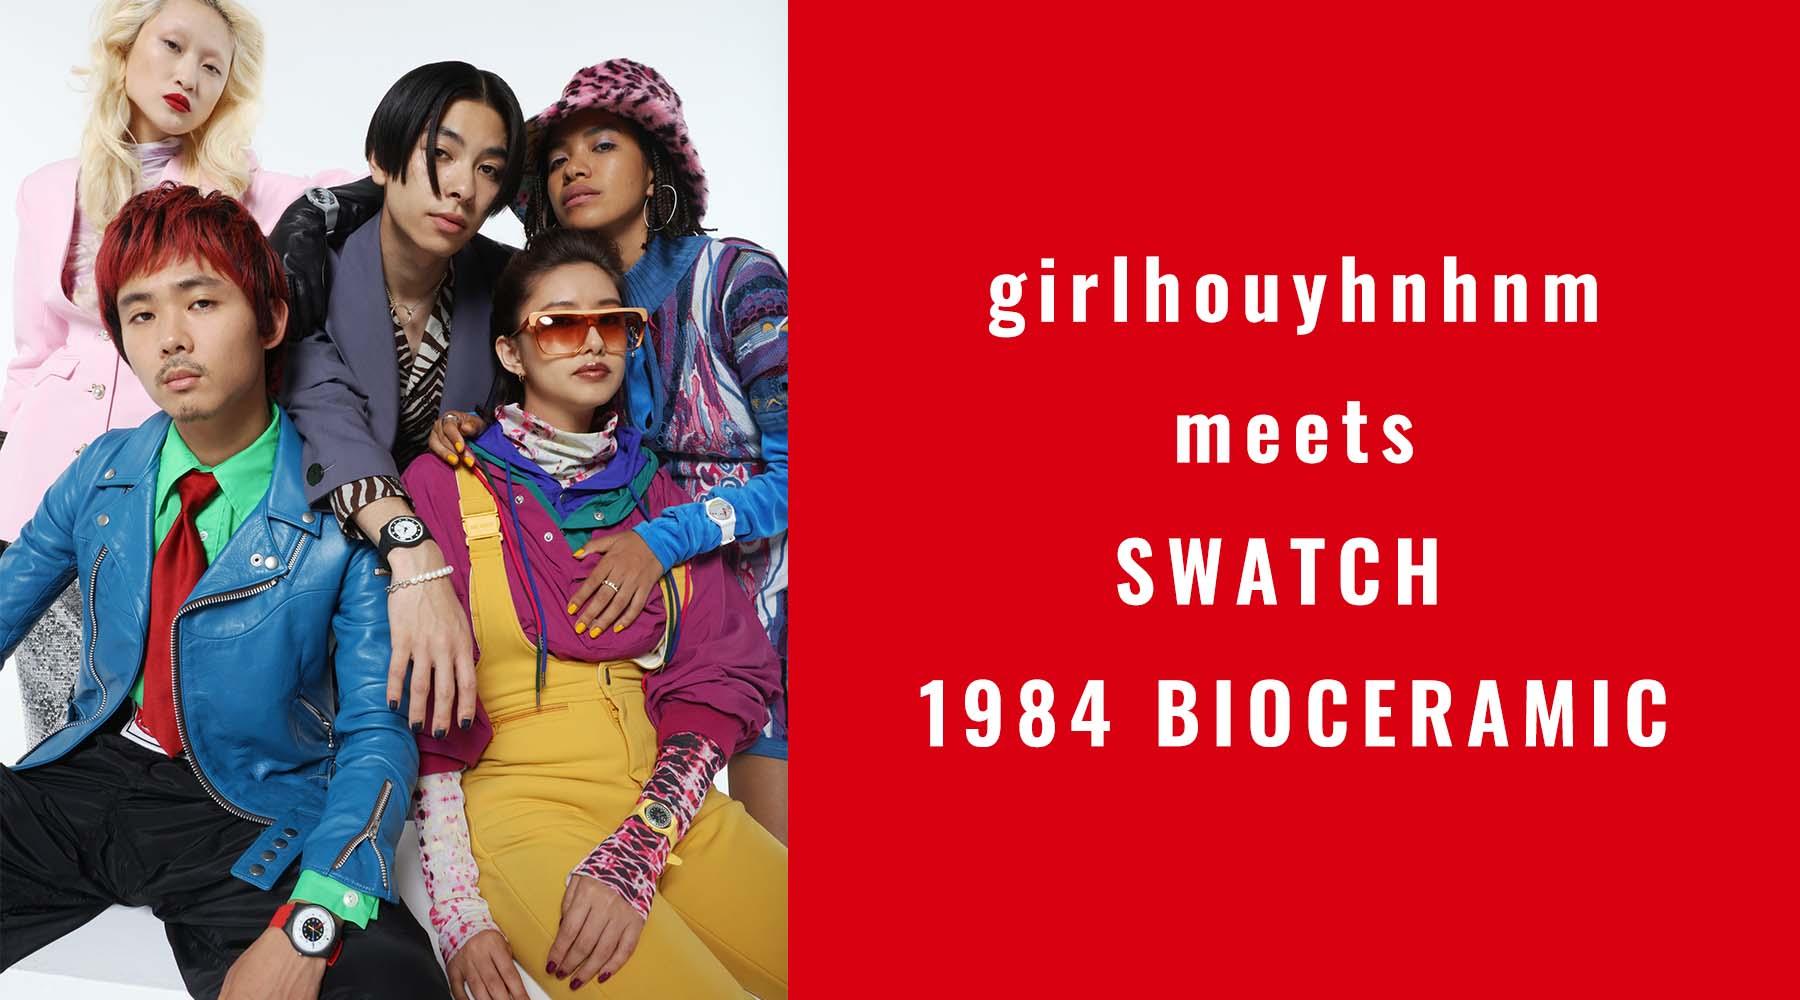 SAWTCH 1984